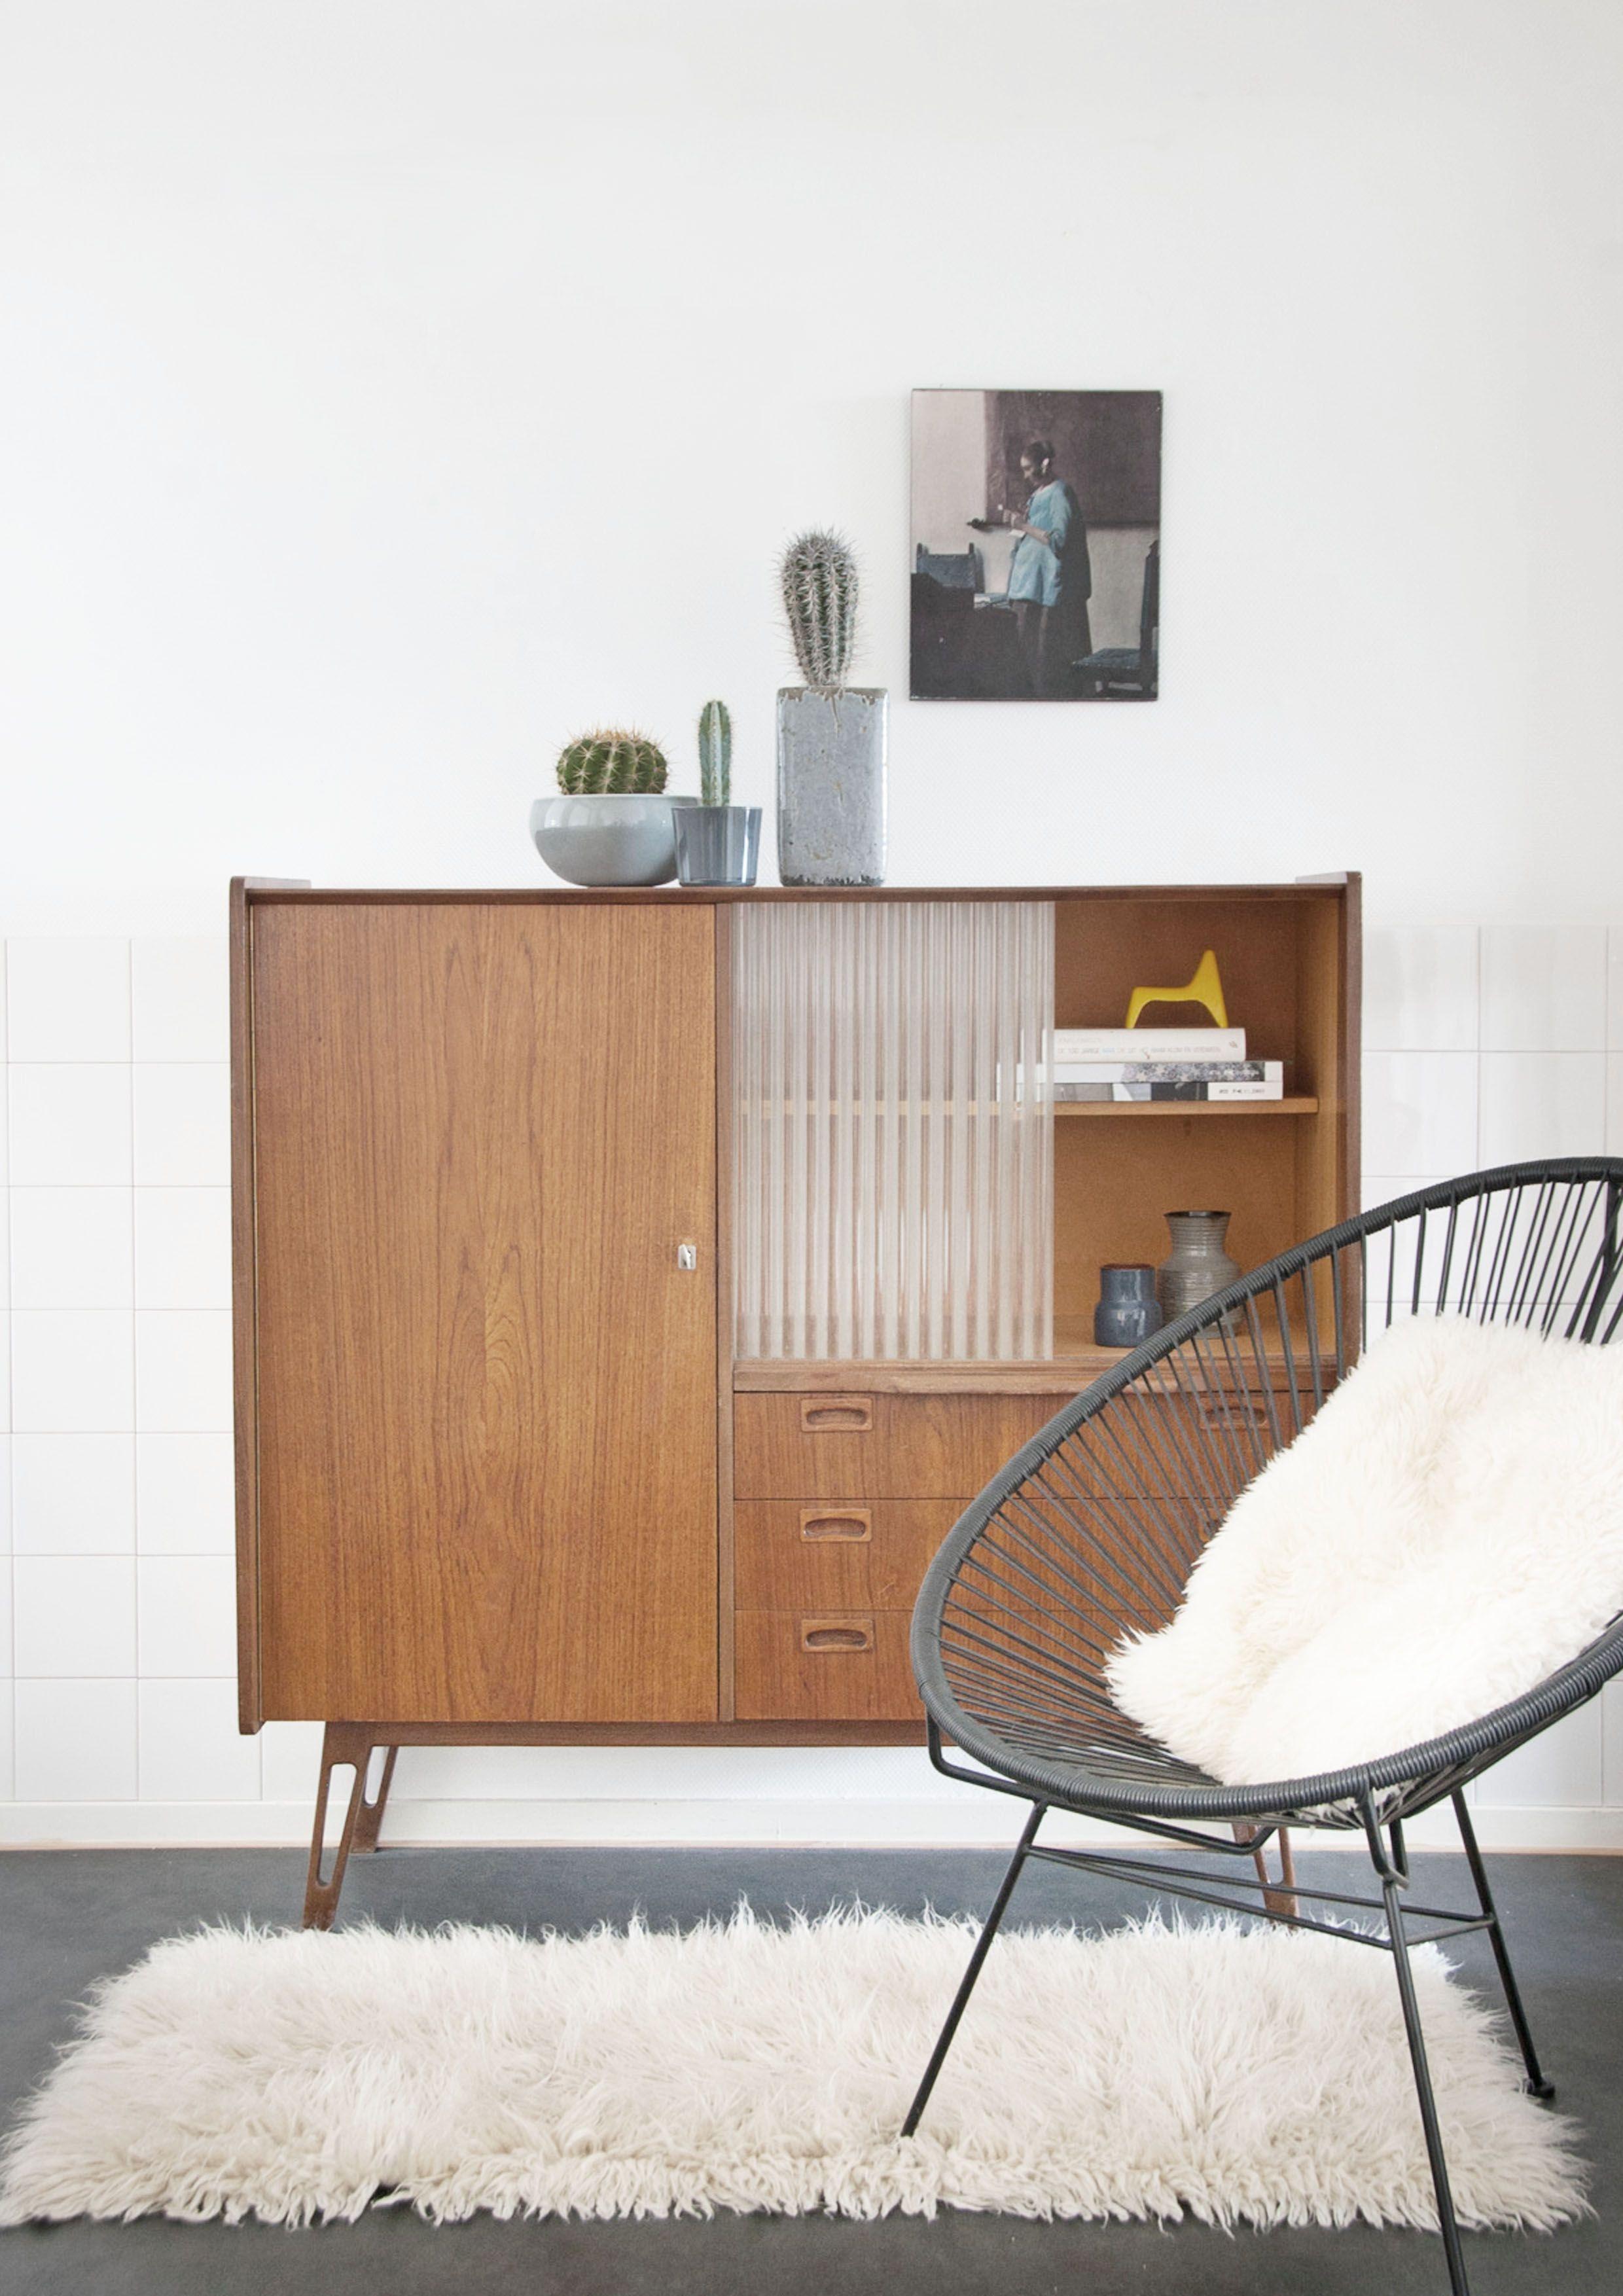 Amazing Klaasen Interieur fotos - Ideeën & Huis inrichten ...